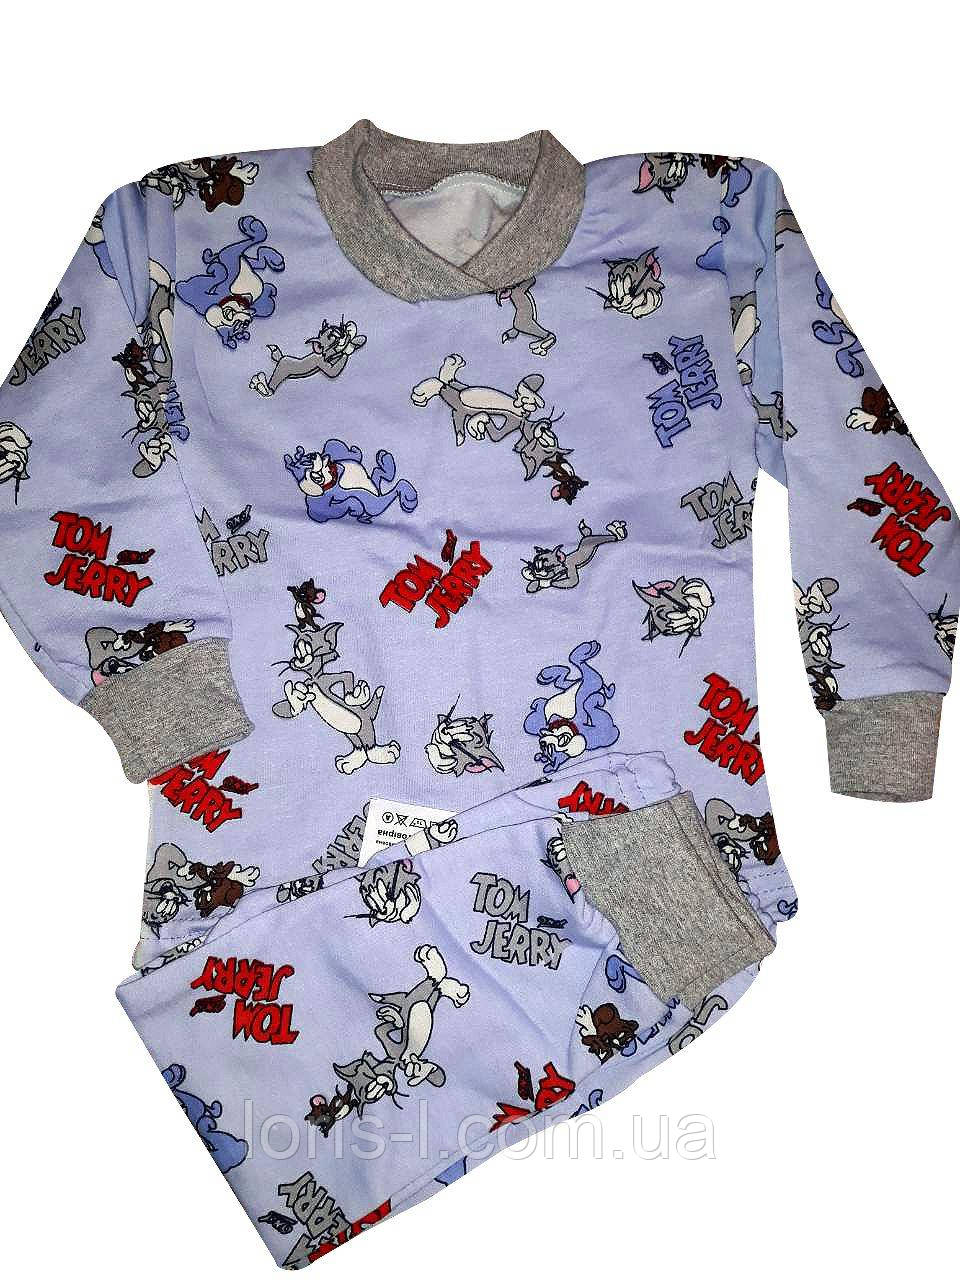 b03ba7a1c15c Детские пижамы байковые для малышей - Интернет-магазин одежды для Всей  семьи